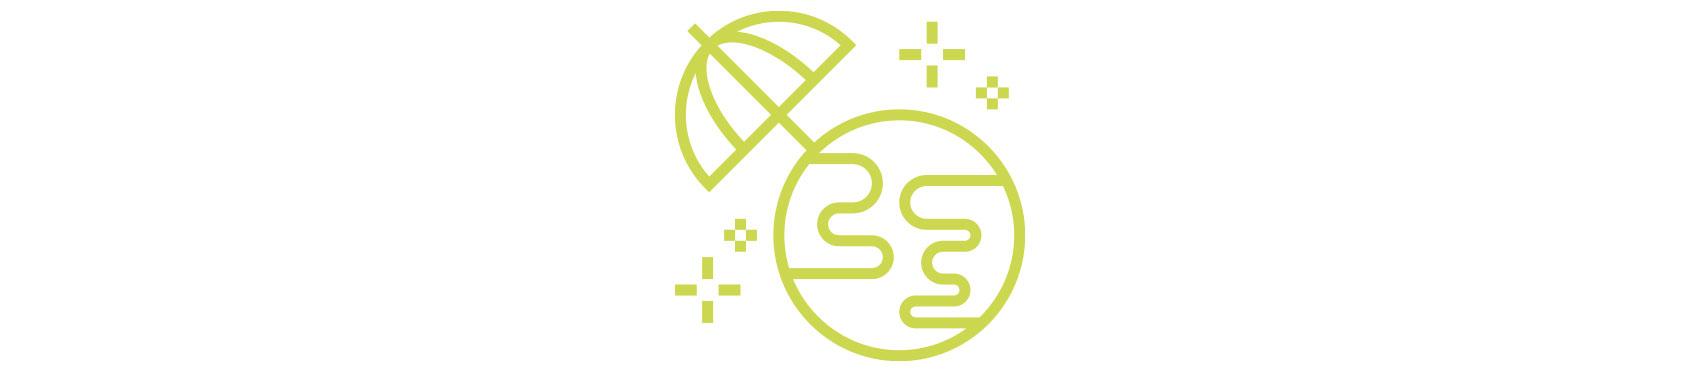 cisco sd-wan y cisco umbrella